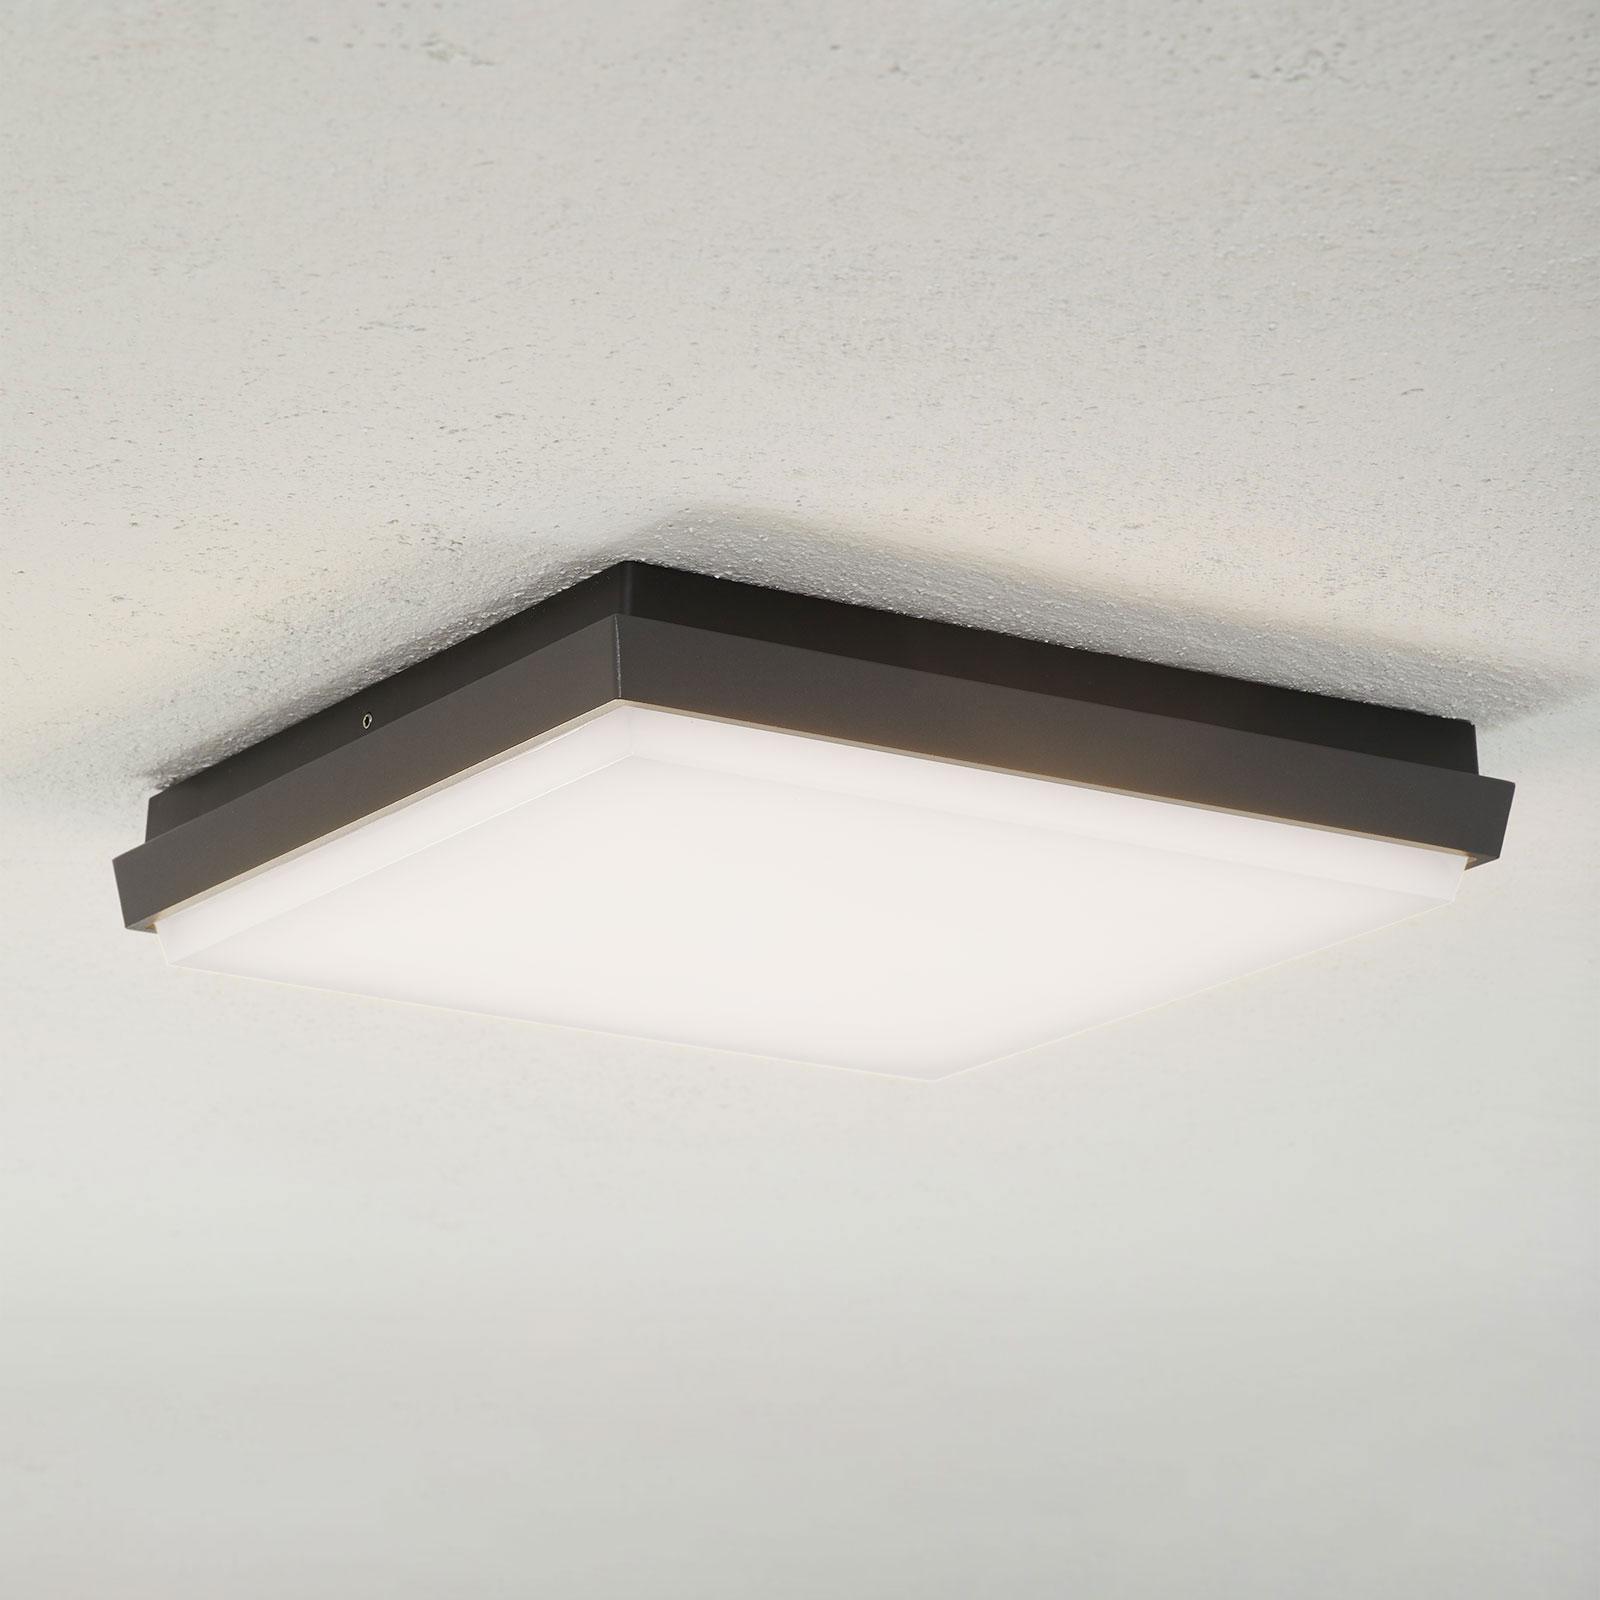 Lucande Amra LED-Außendeckenleuchte, eckig 30 cm